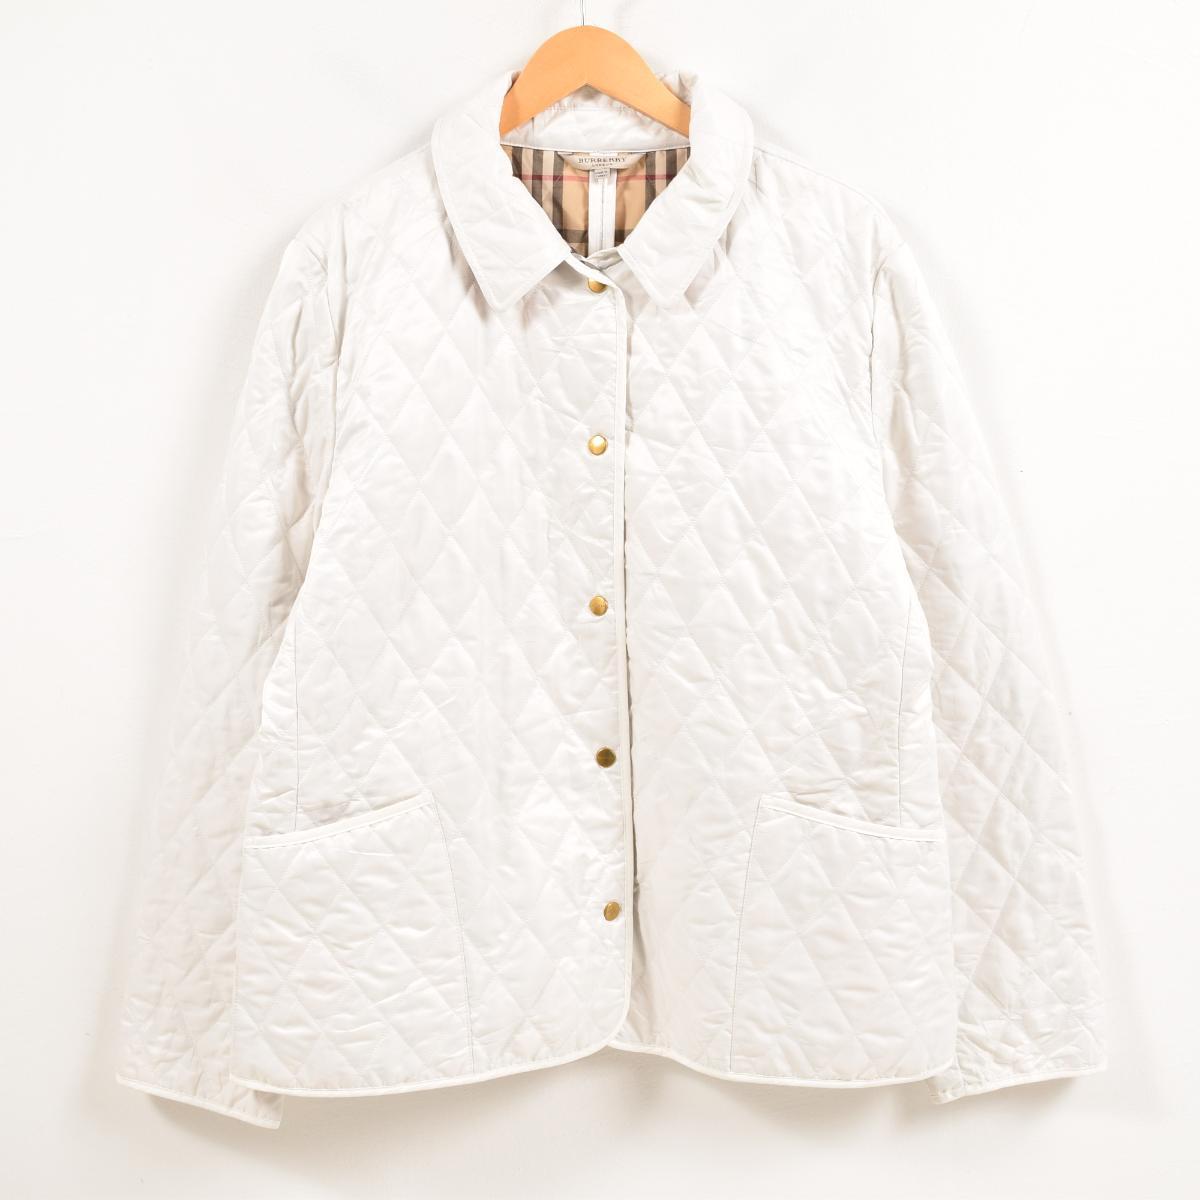 バーバリー Burberry's キルティングジャケット レディースXL /waw6869 【中古】 【181217】